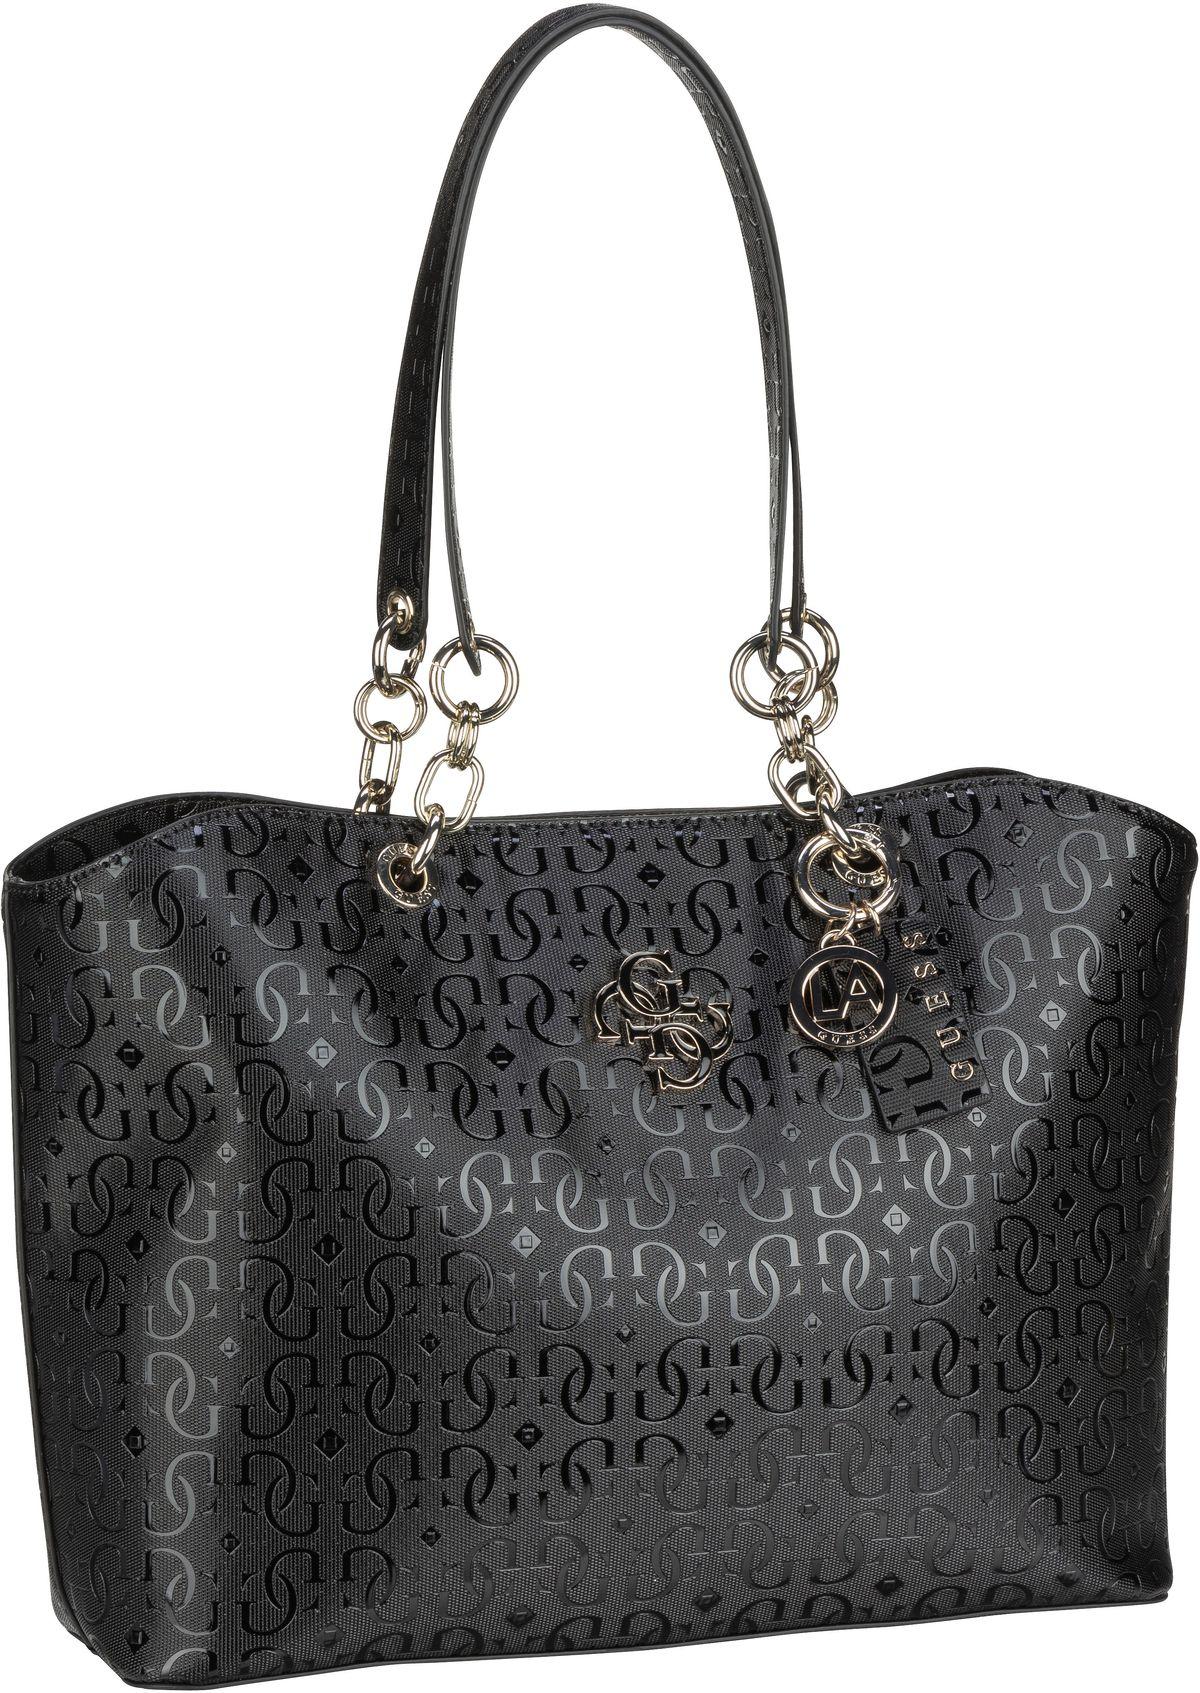 Handtasche Chic Shine Tote Black